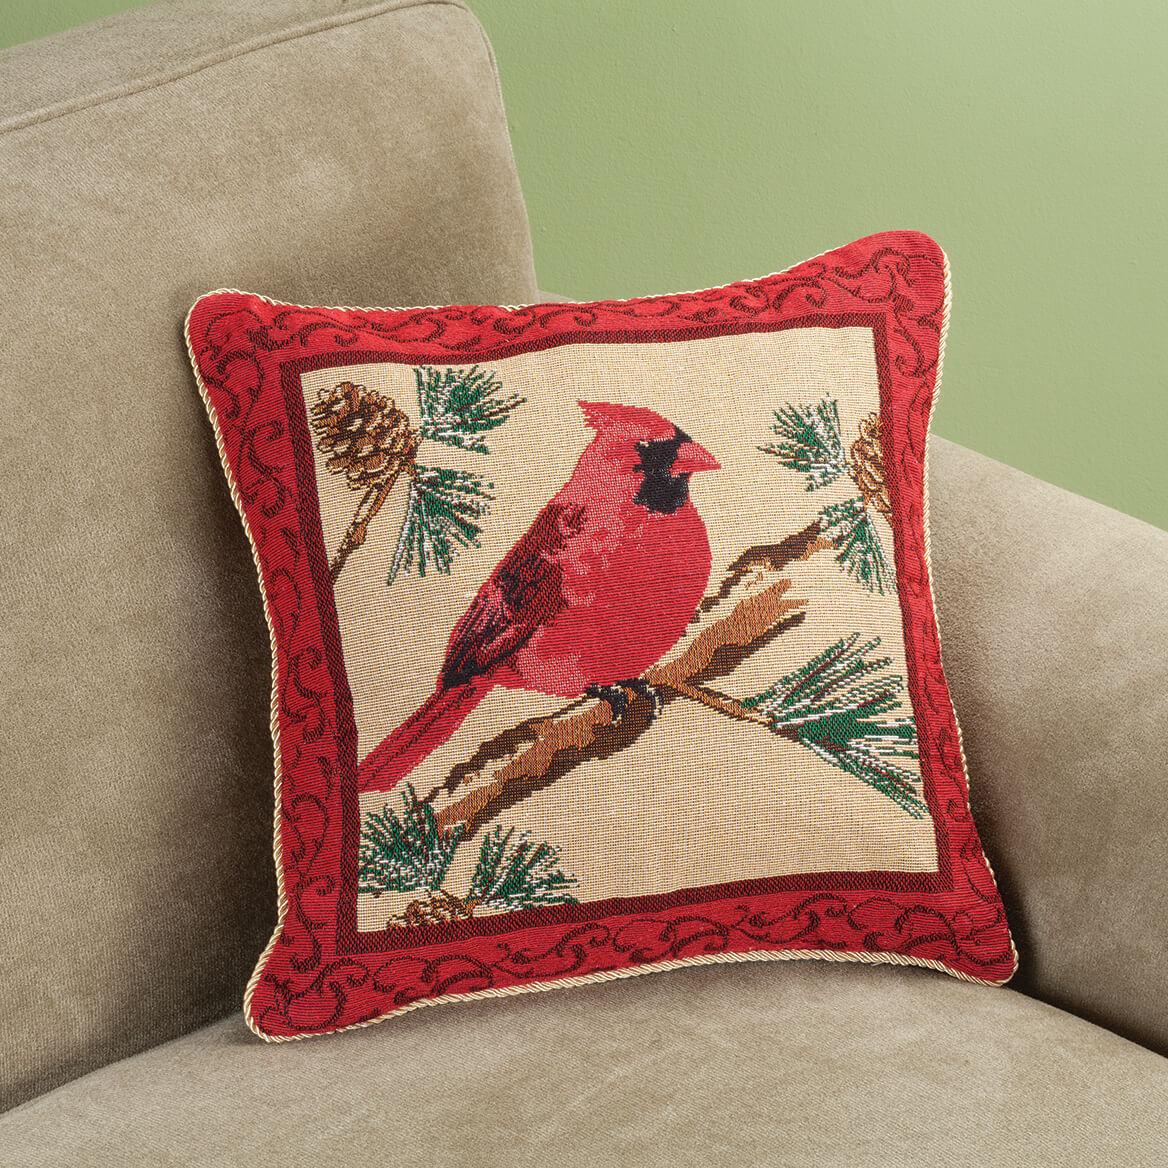 Cardinal Pillow Cover - Decorative Pillow Cover - Miles Kimball